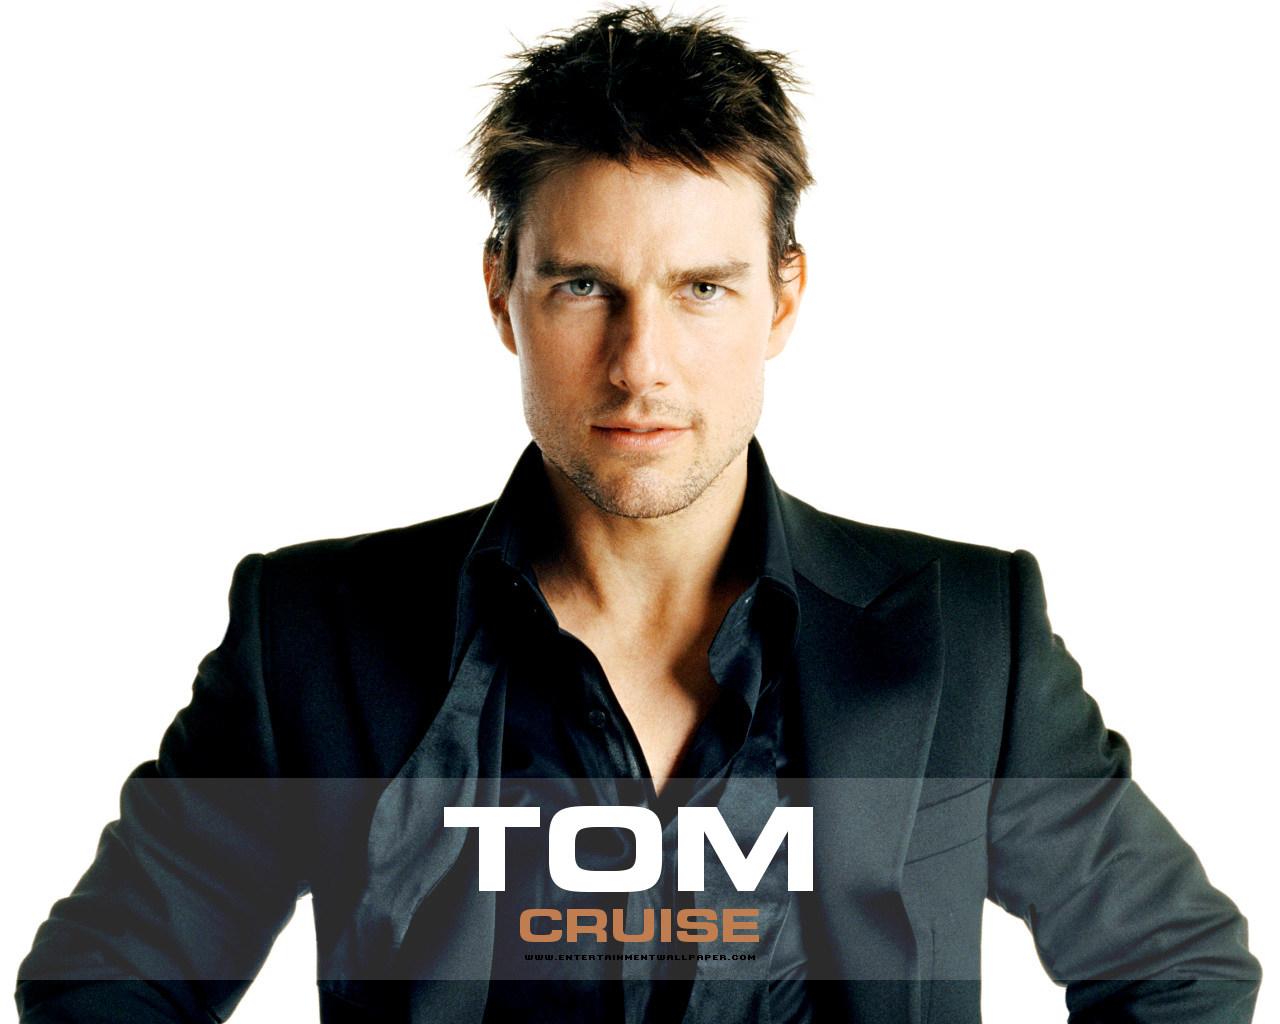 http://1.bp.blogspot.com/-z684kfQgy2o/UFLTUeJcfYI/AAAAAAAABuA/znlt49df8DM/s1600/Tom+Cruise+Official.jpg